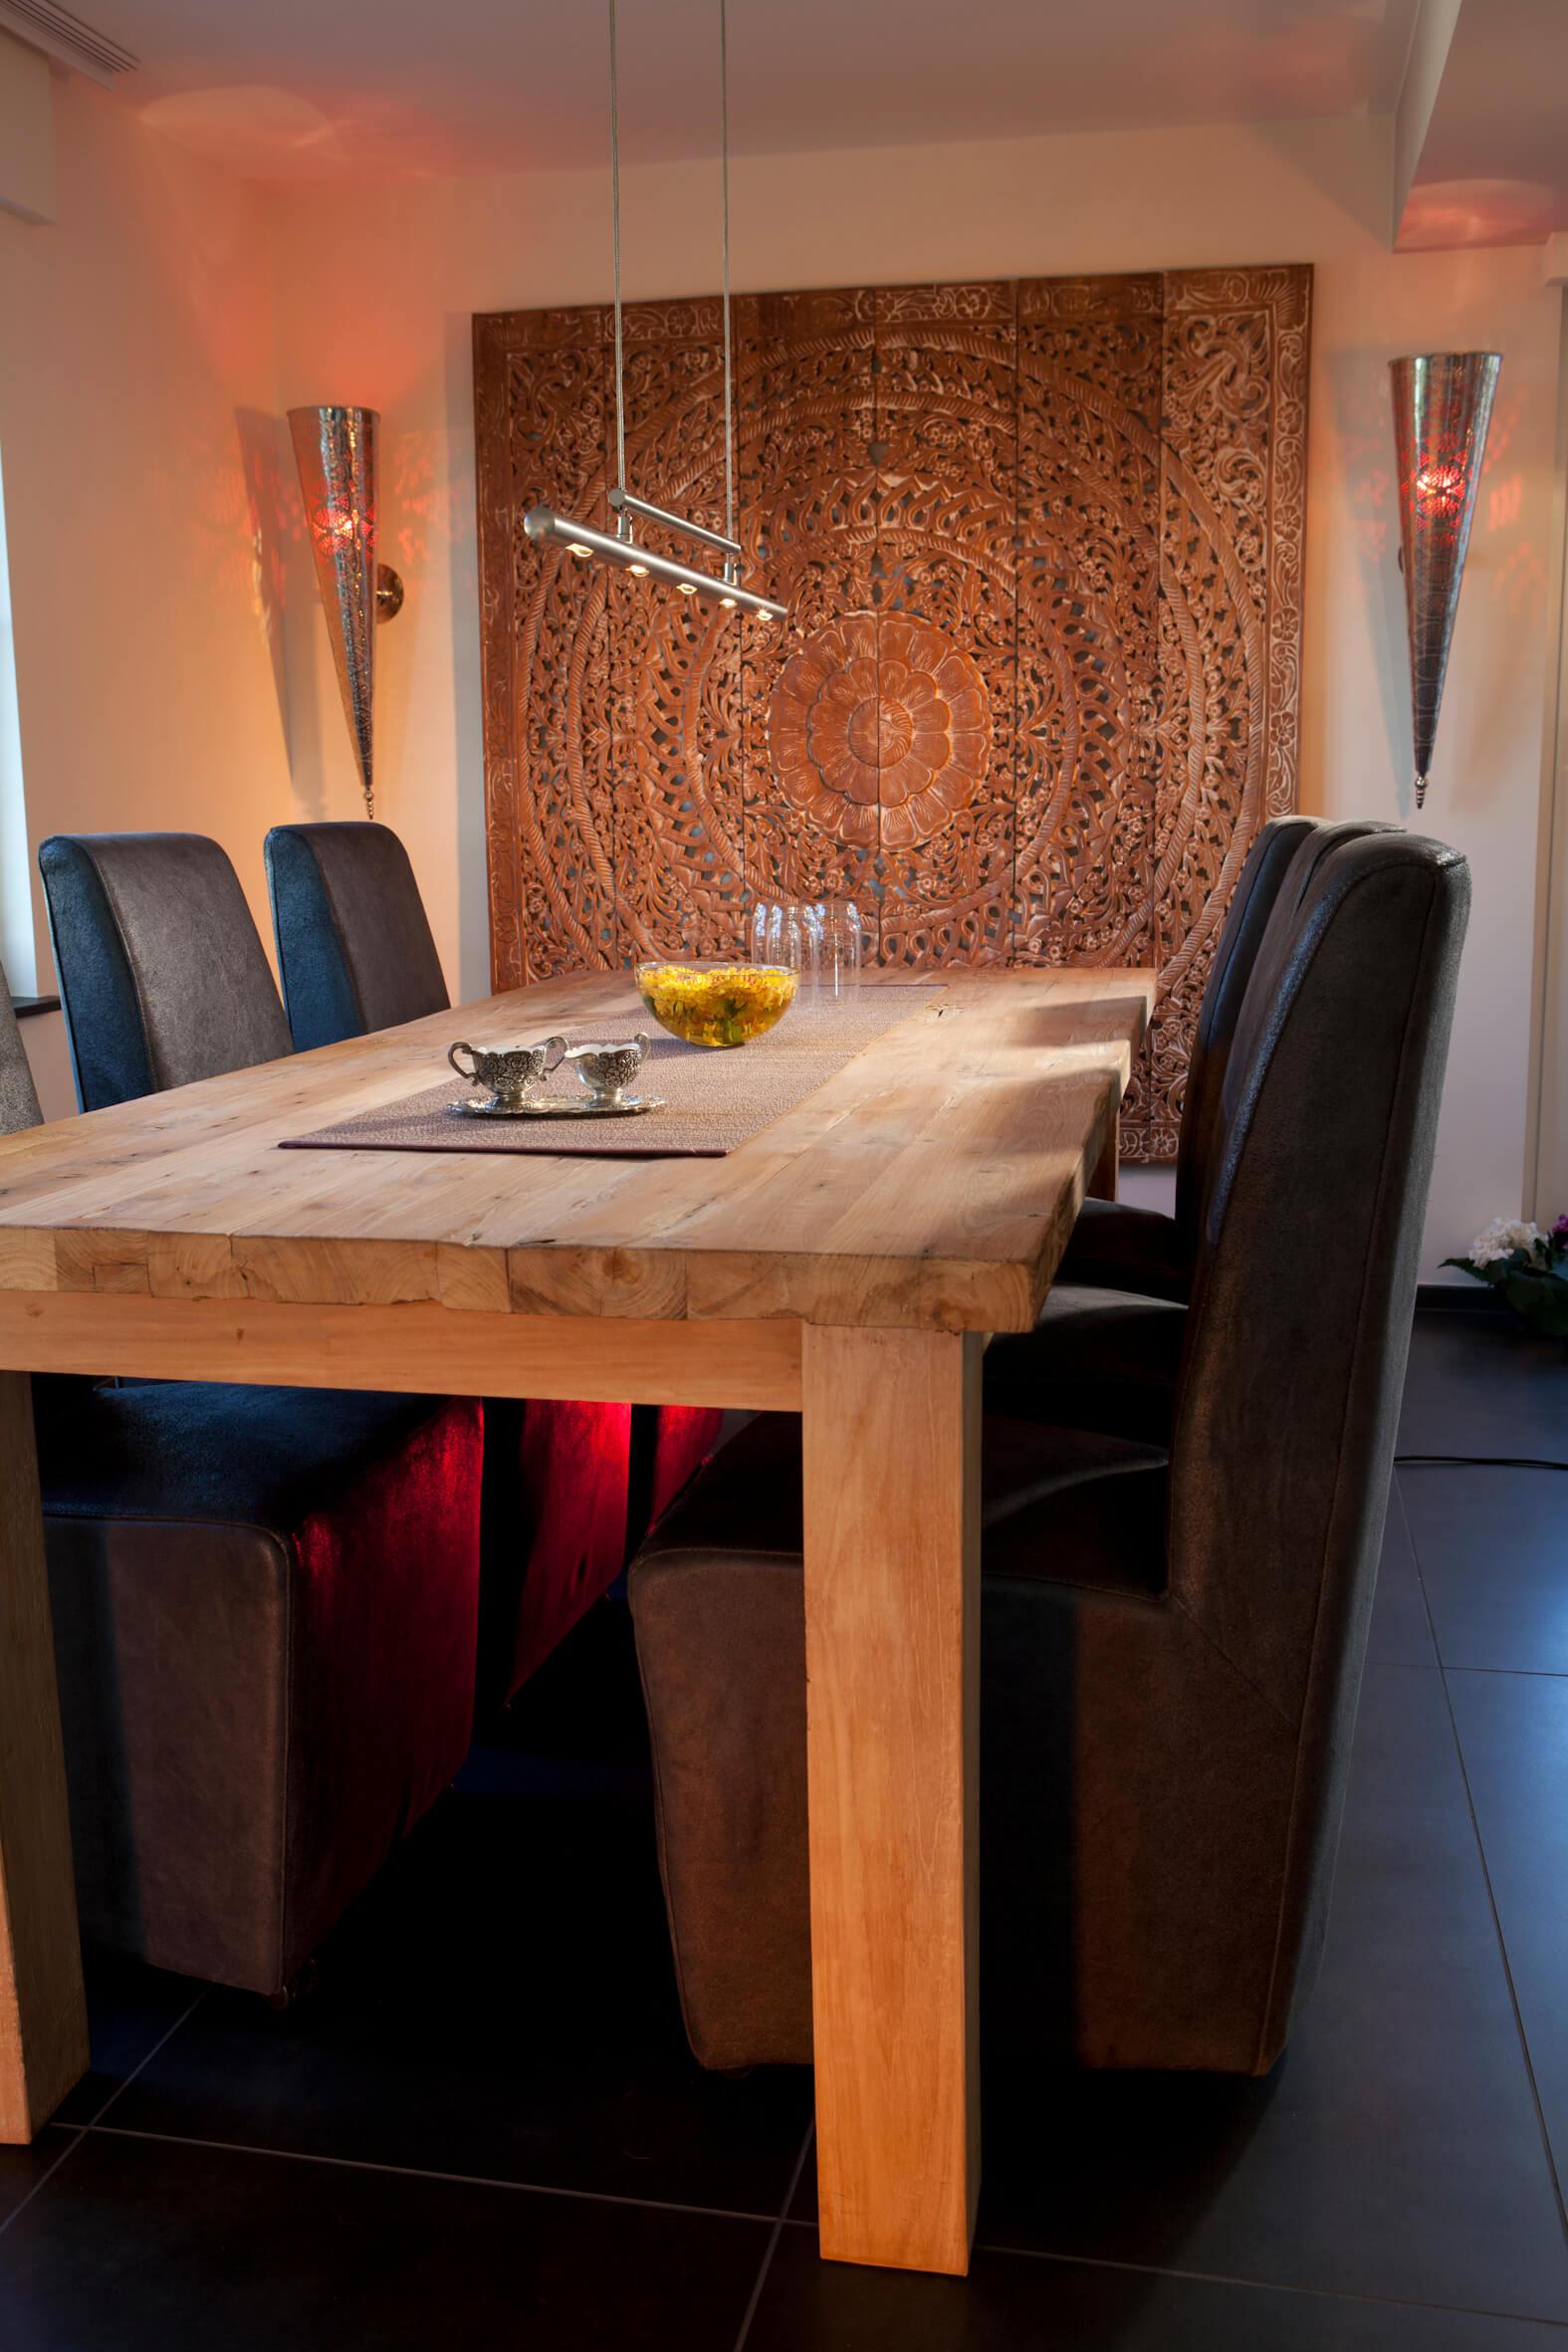 Moderne Esszimmer Design by Torsten Müller aus Bad Honnef nähe Köln Bonn Verkauf Beratung Planung Interior Designer Lifestyle Tisch (10)